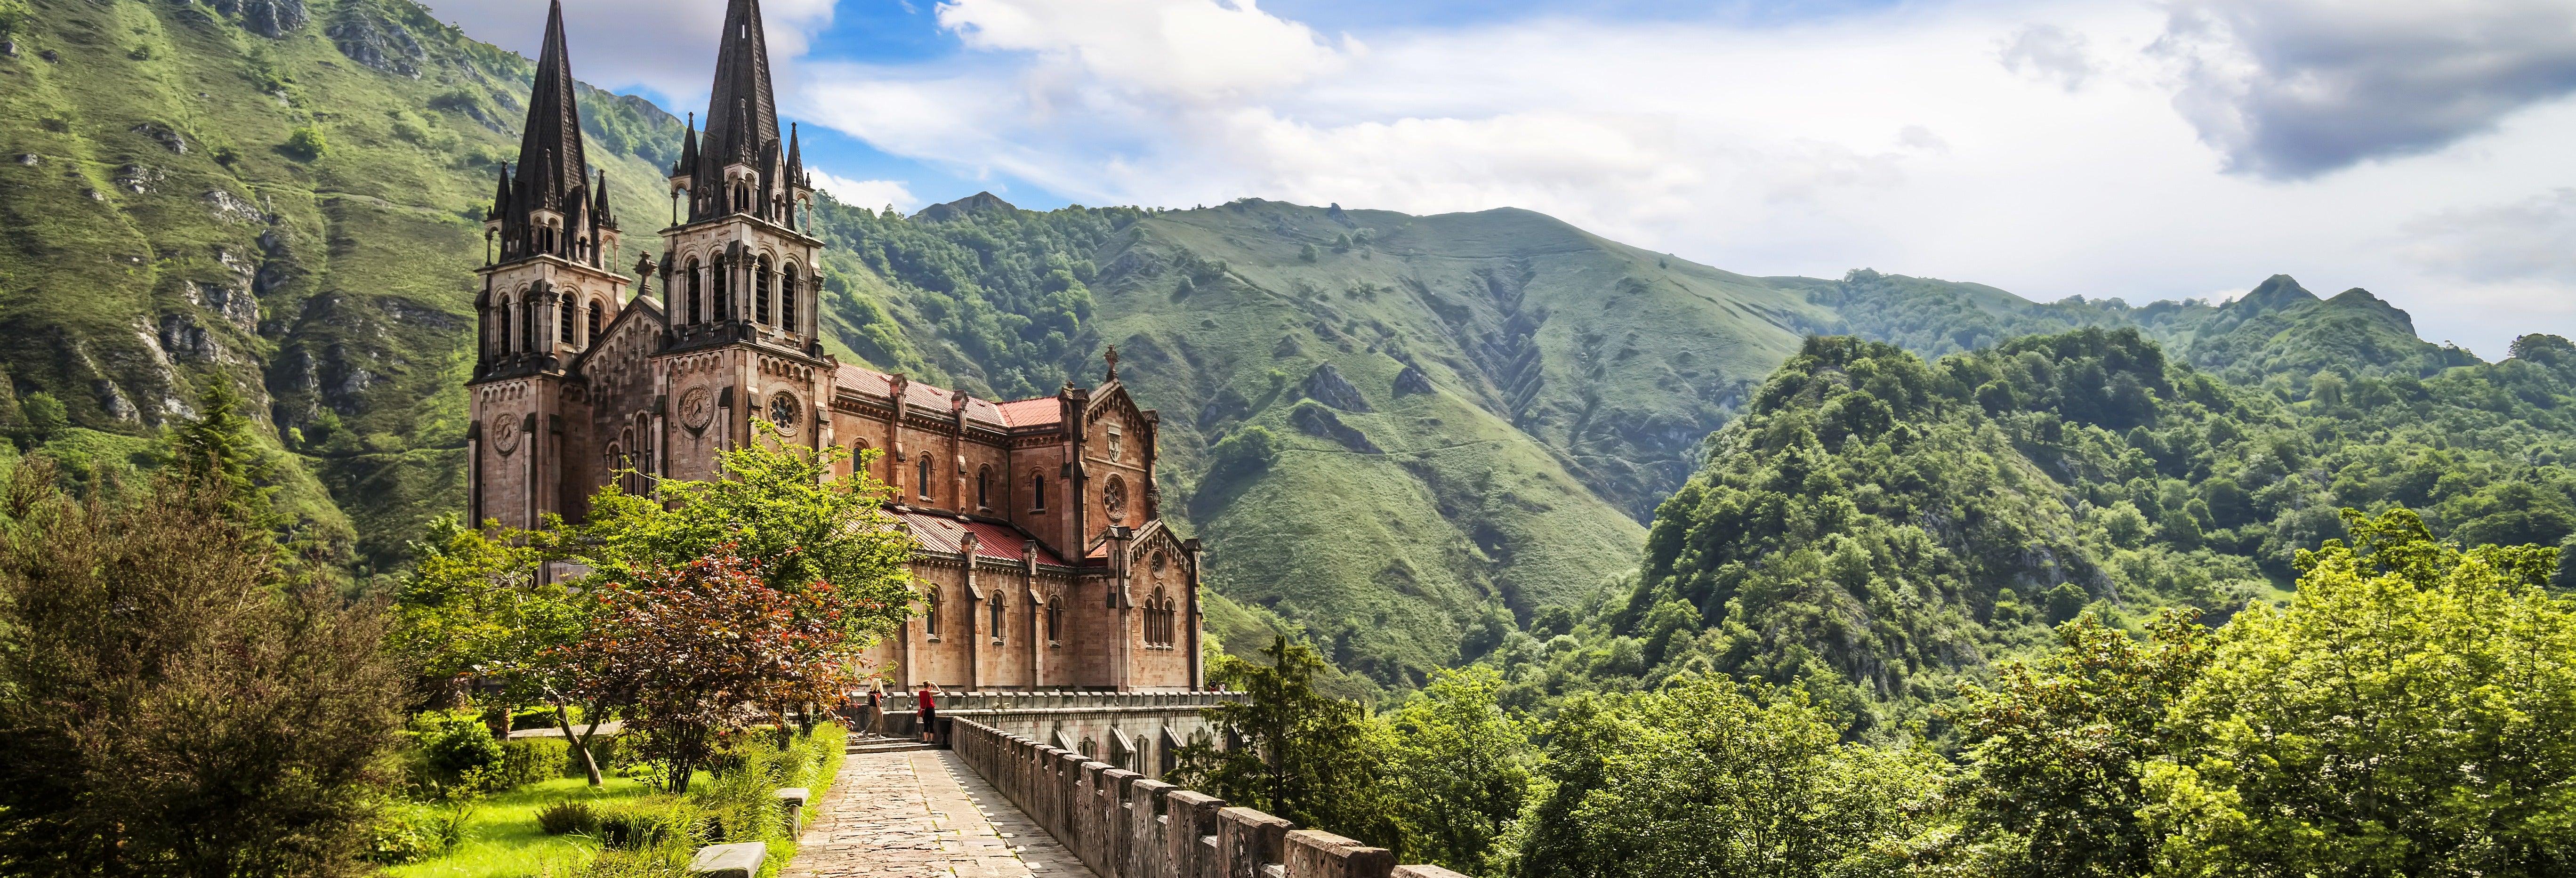 Covadonga Day Trip